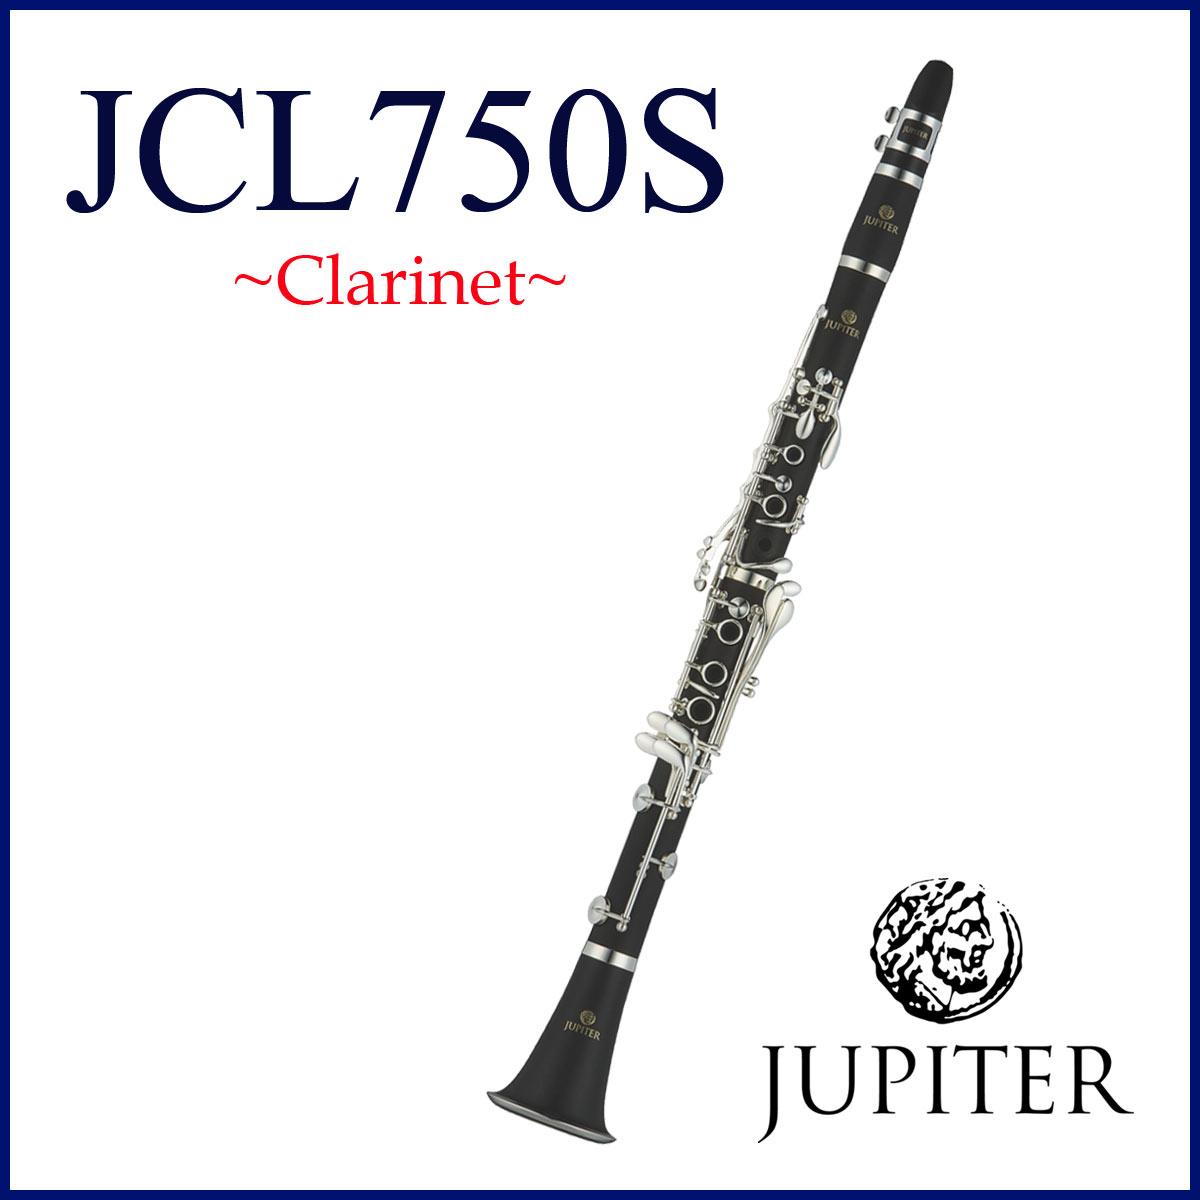 JUPITER / JCL-750S ジュピター B♭ Clarinet クラリネット 木製管体 銀メッキ 《お取り寄せ》